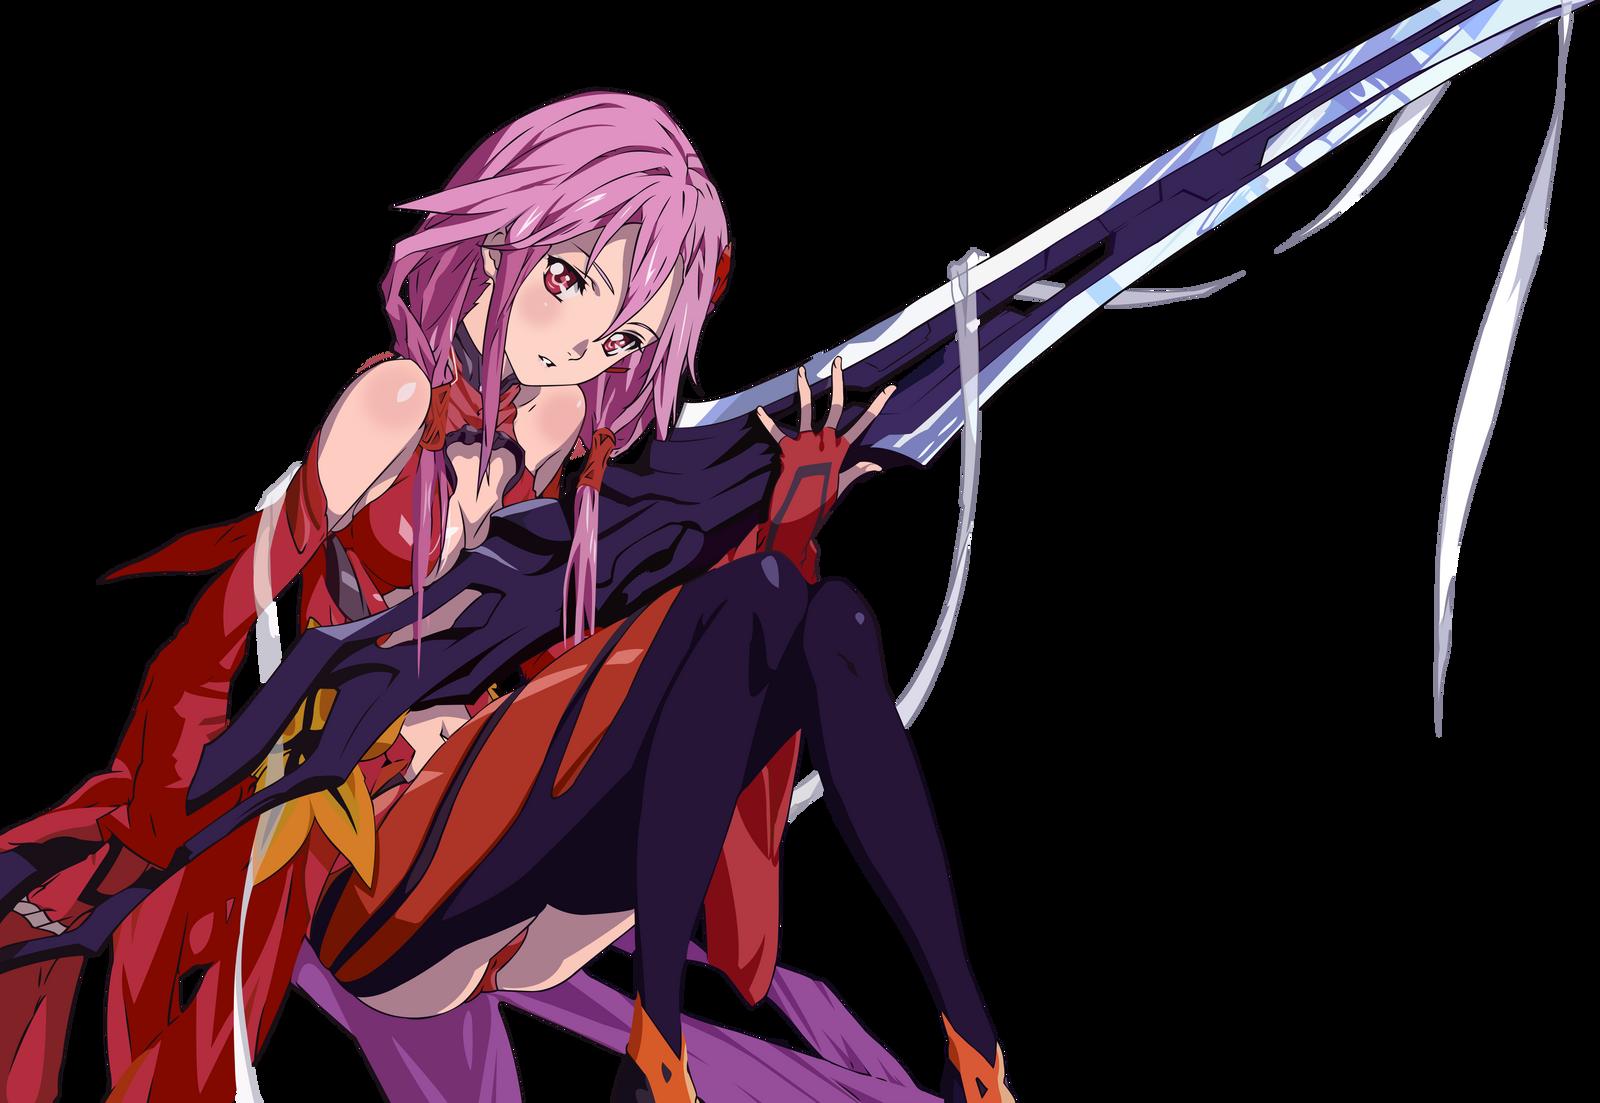 inori yuzuriha by assassinwarrior -#main